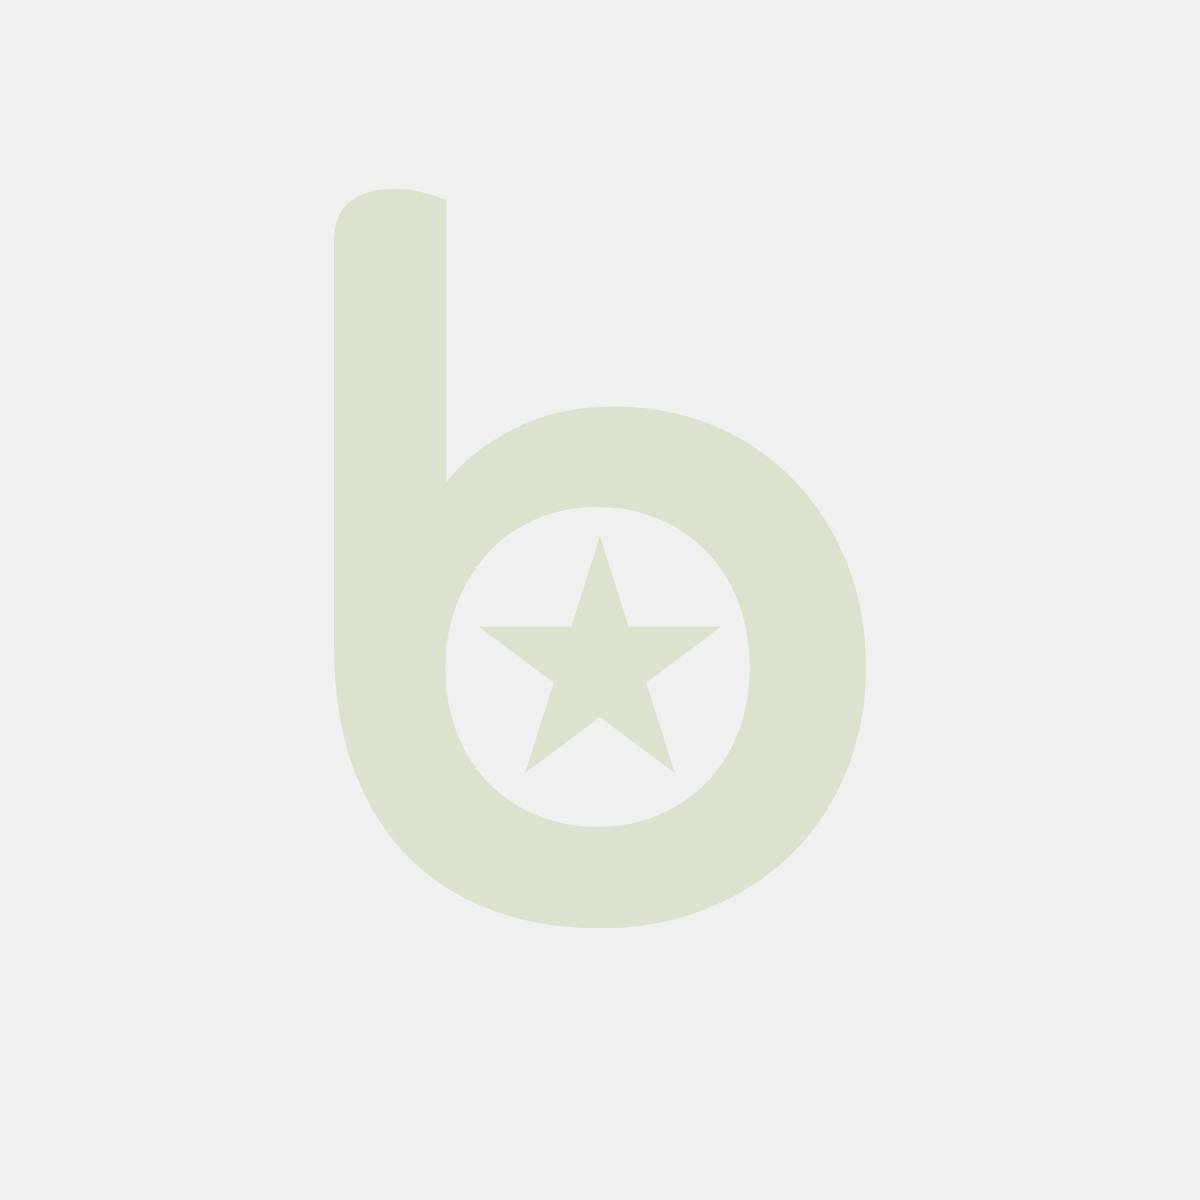 Miska bezbarwna K-BO18 1000 ml PET, cena za opakowanie 50szt